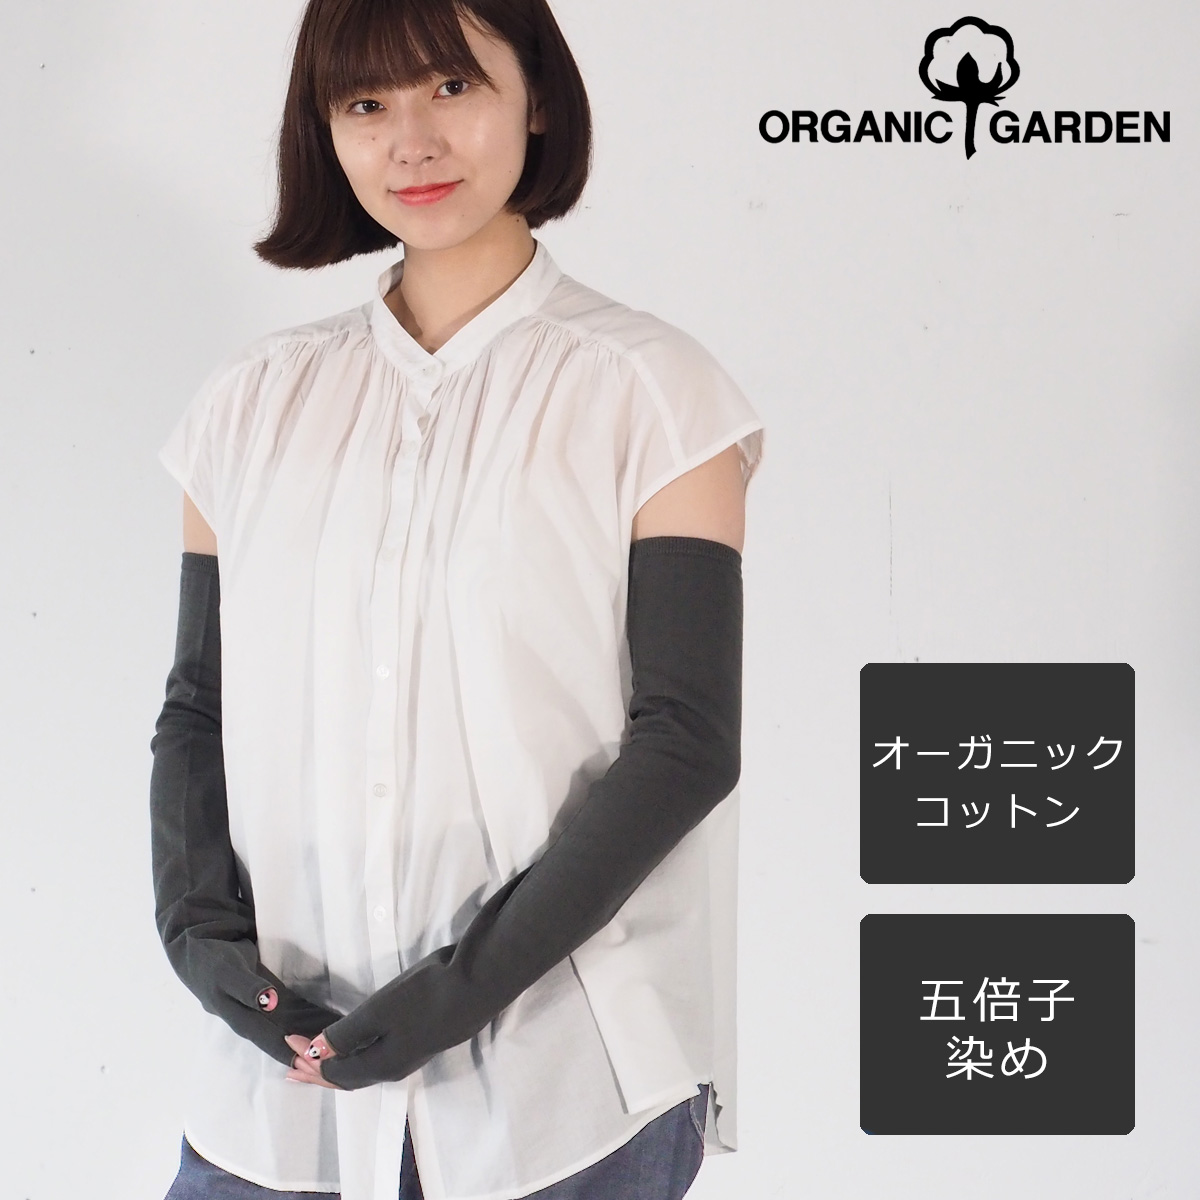 ORGANIC GARDEN(オーガニックガーデン) しめつけないアームカバー UVケア オーガニックコットン100% 五倍子染め レディース [NS8873]